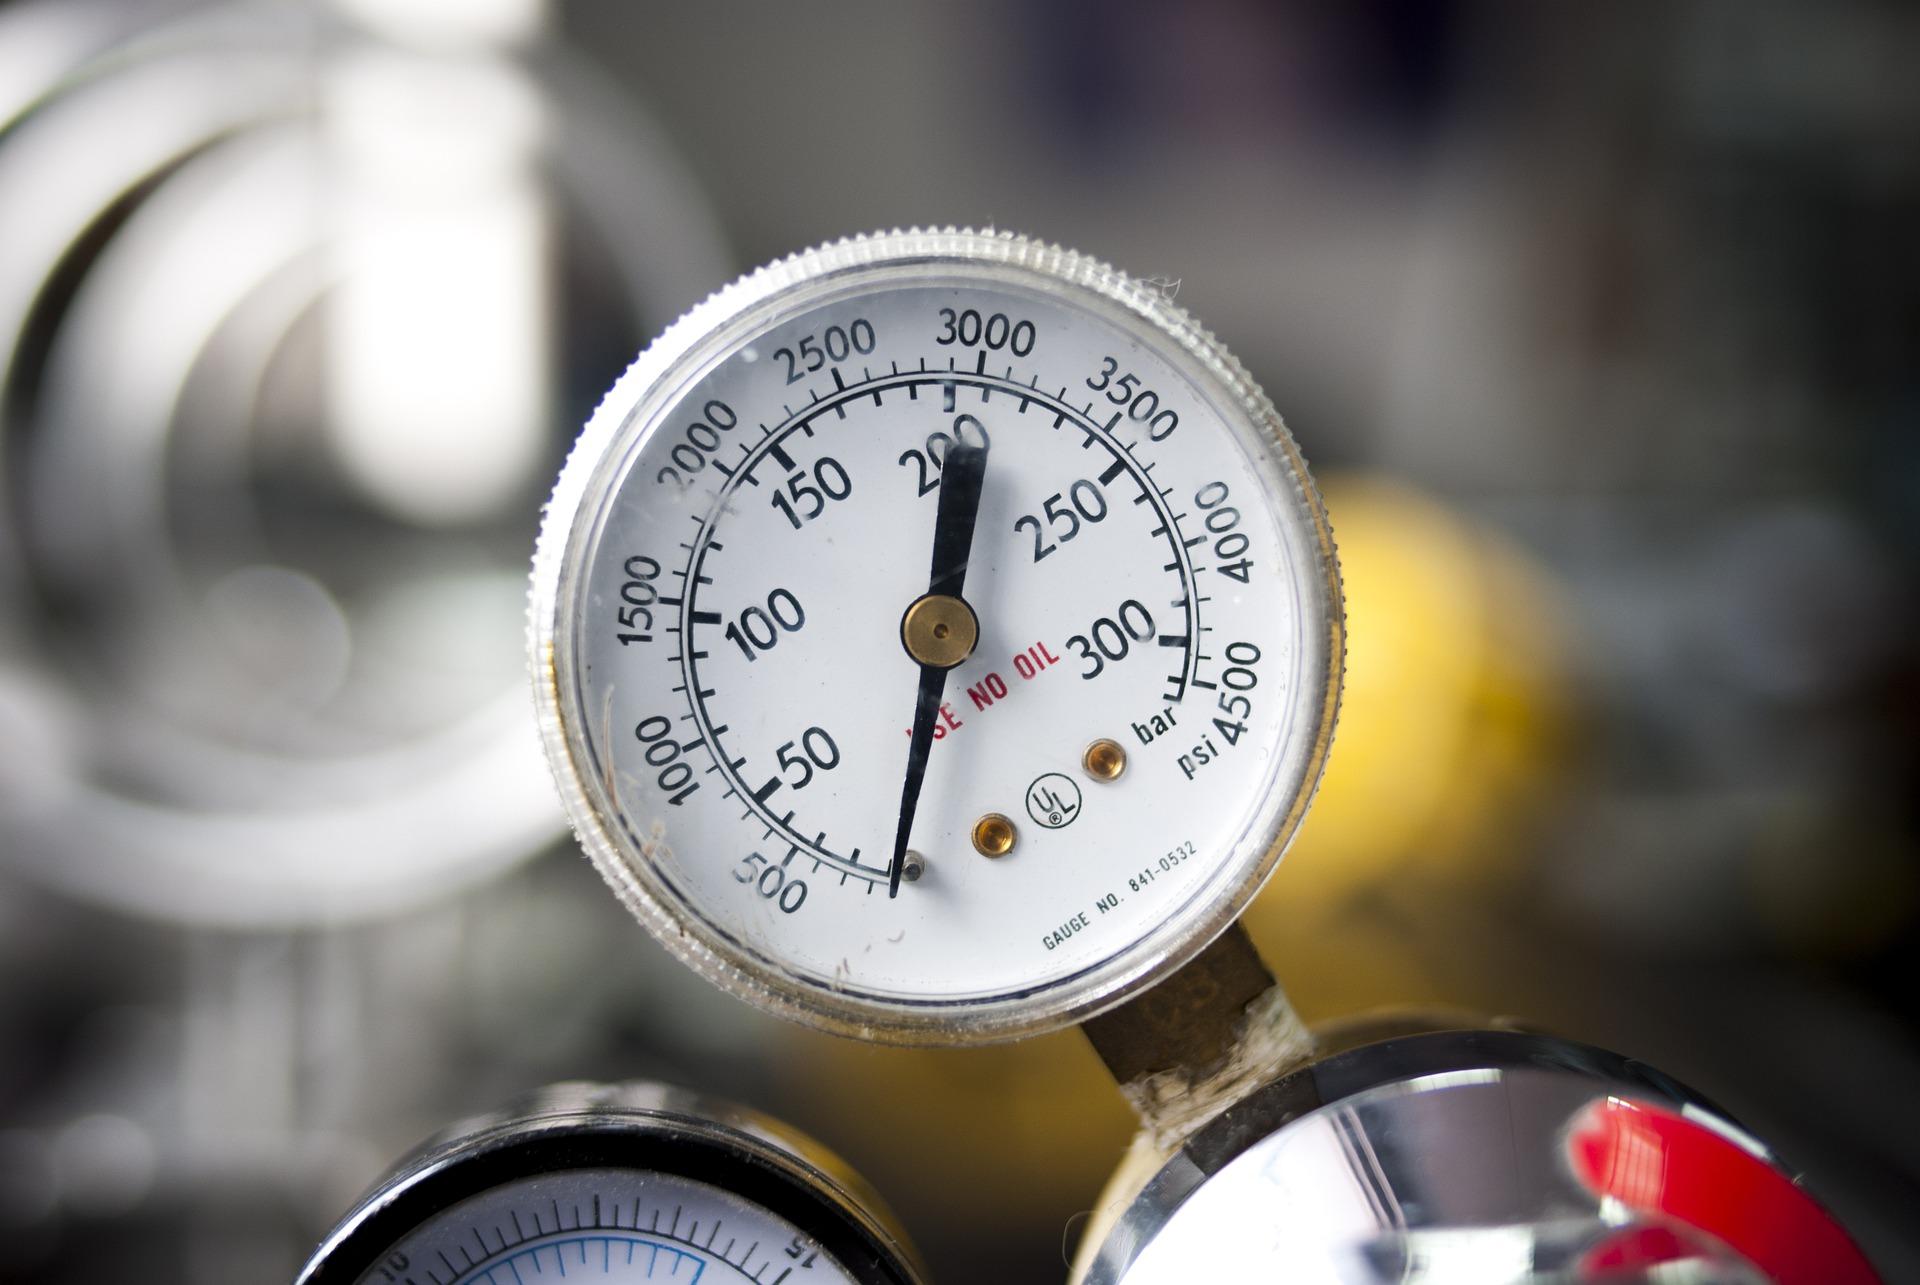 pressure-gauge-3109005_1920.jpg